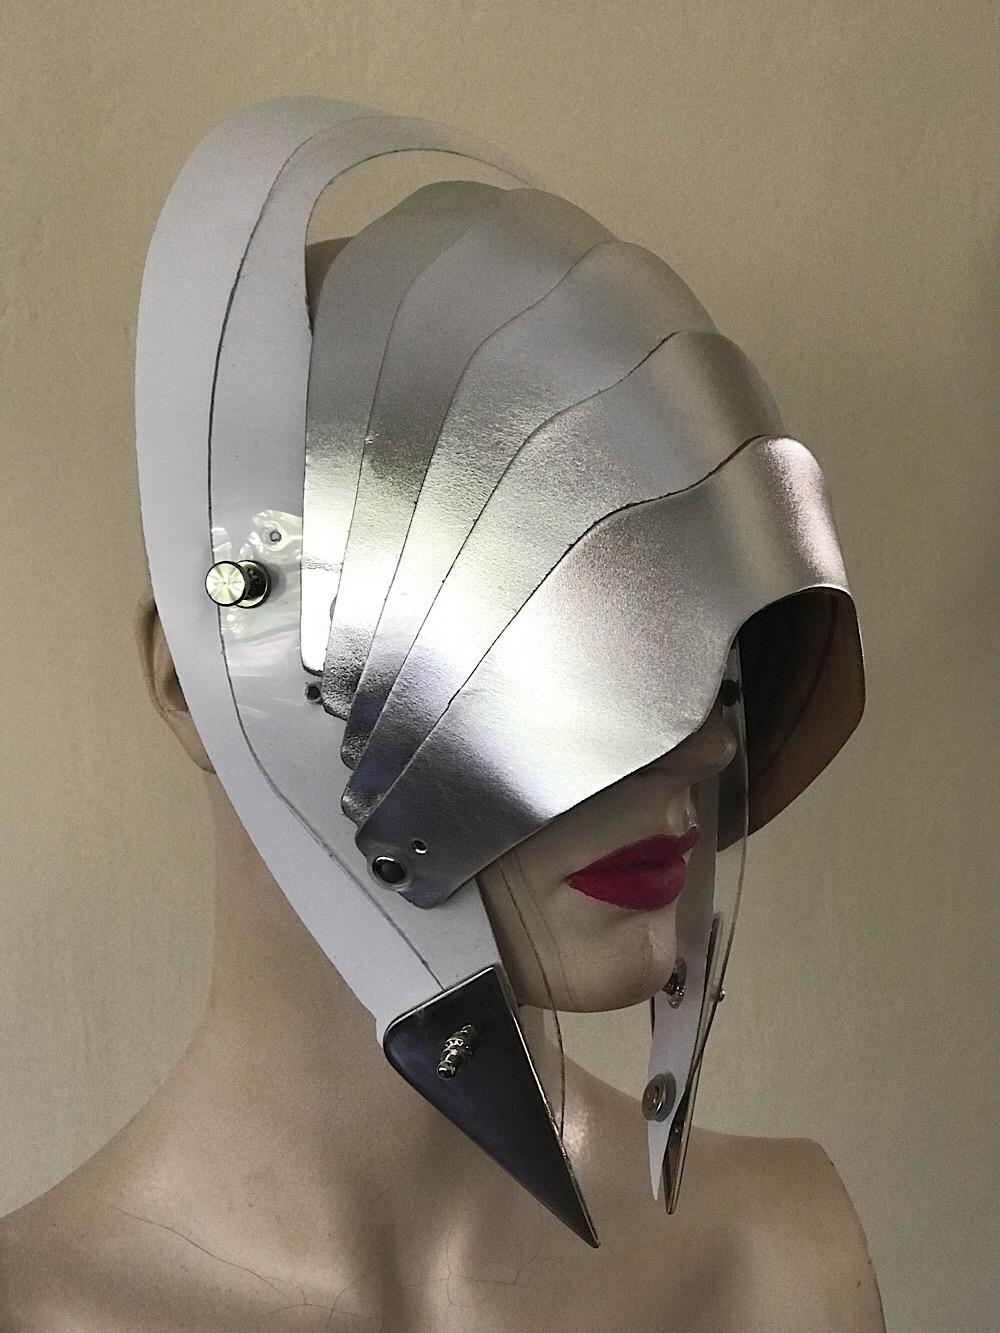 Unusual Head Wear mask hat alien helmet silver metallic leather